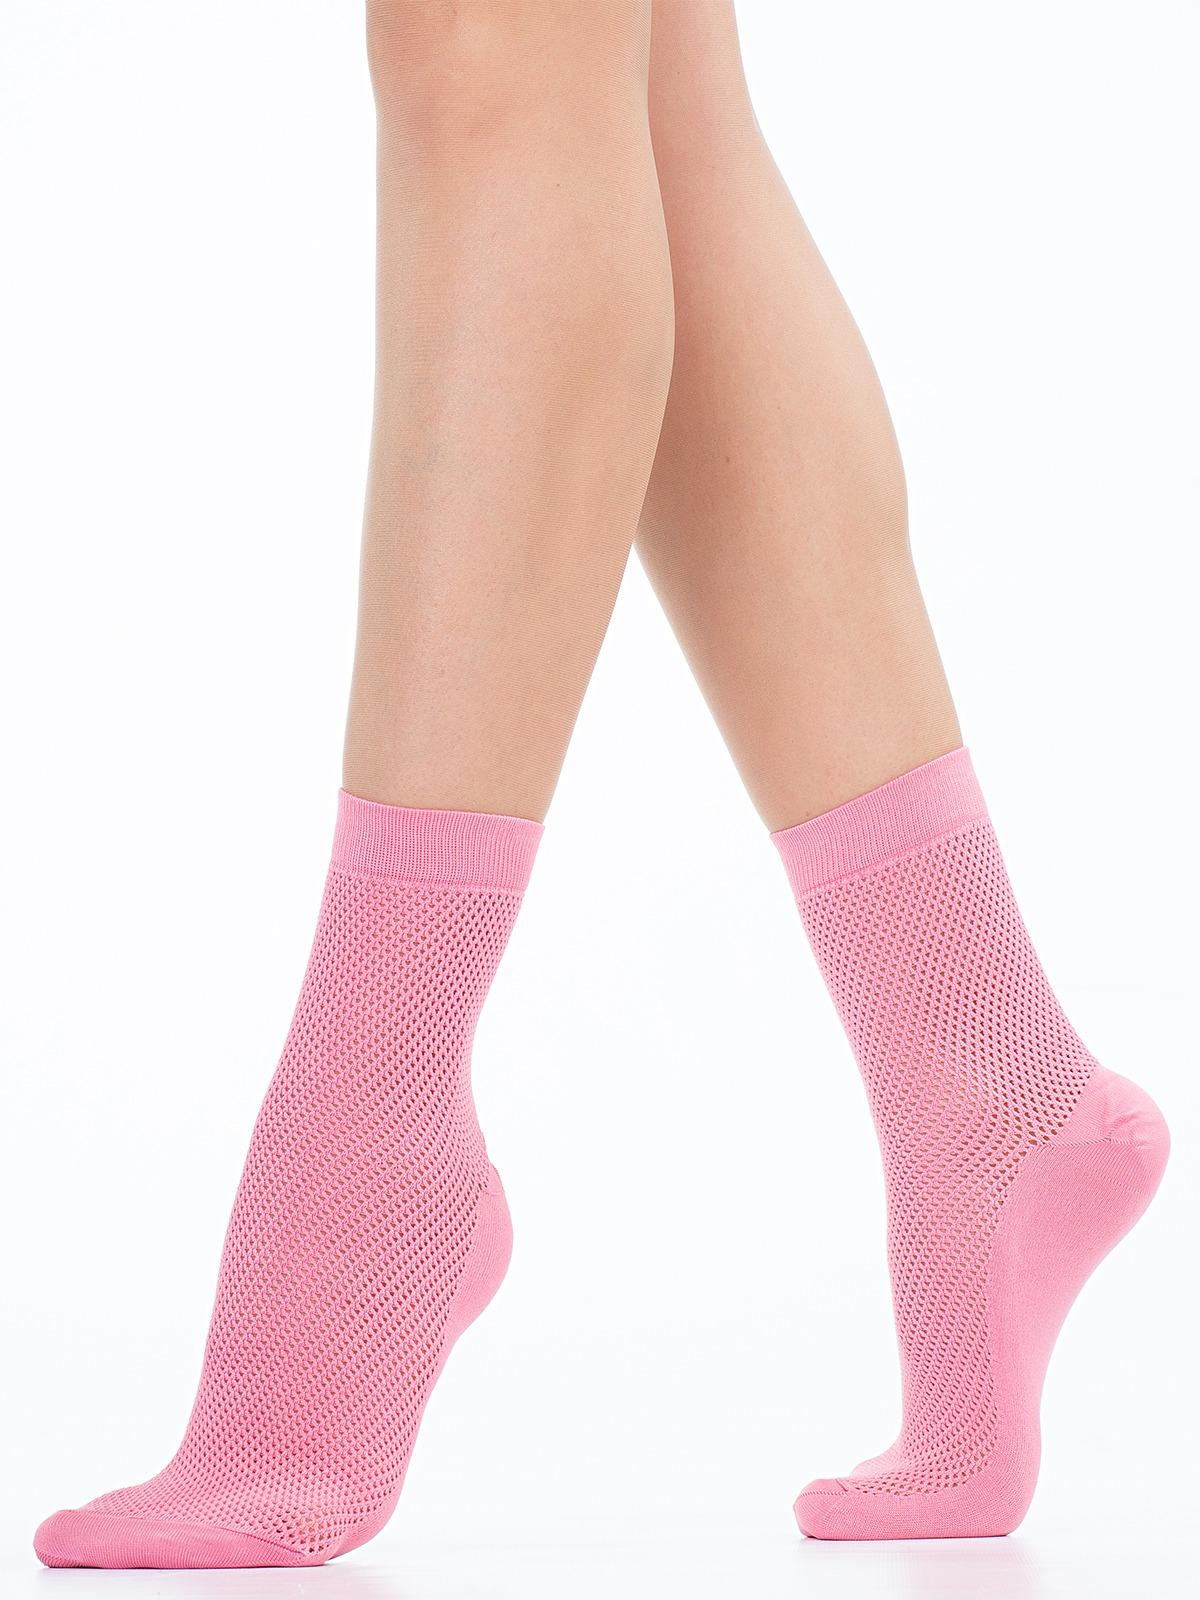 светоотражающей картинки розовые носочки строили